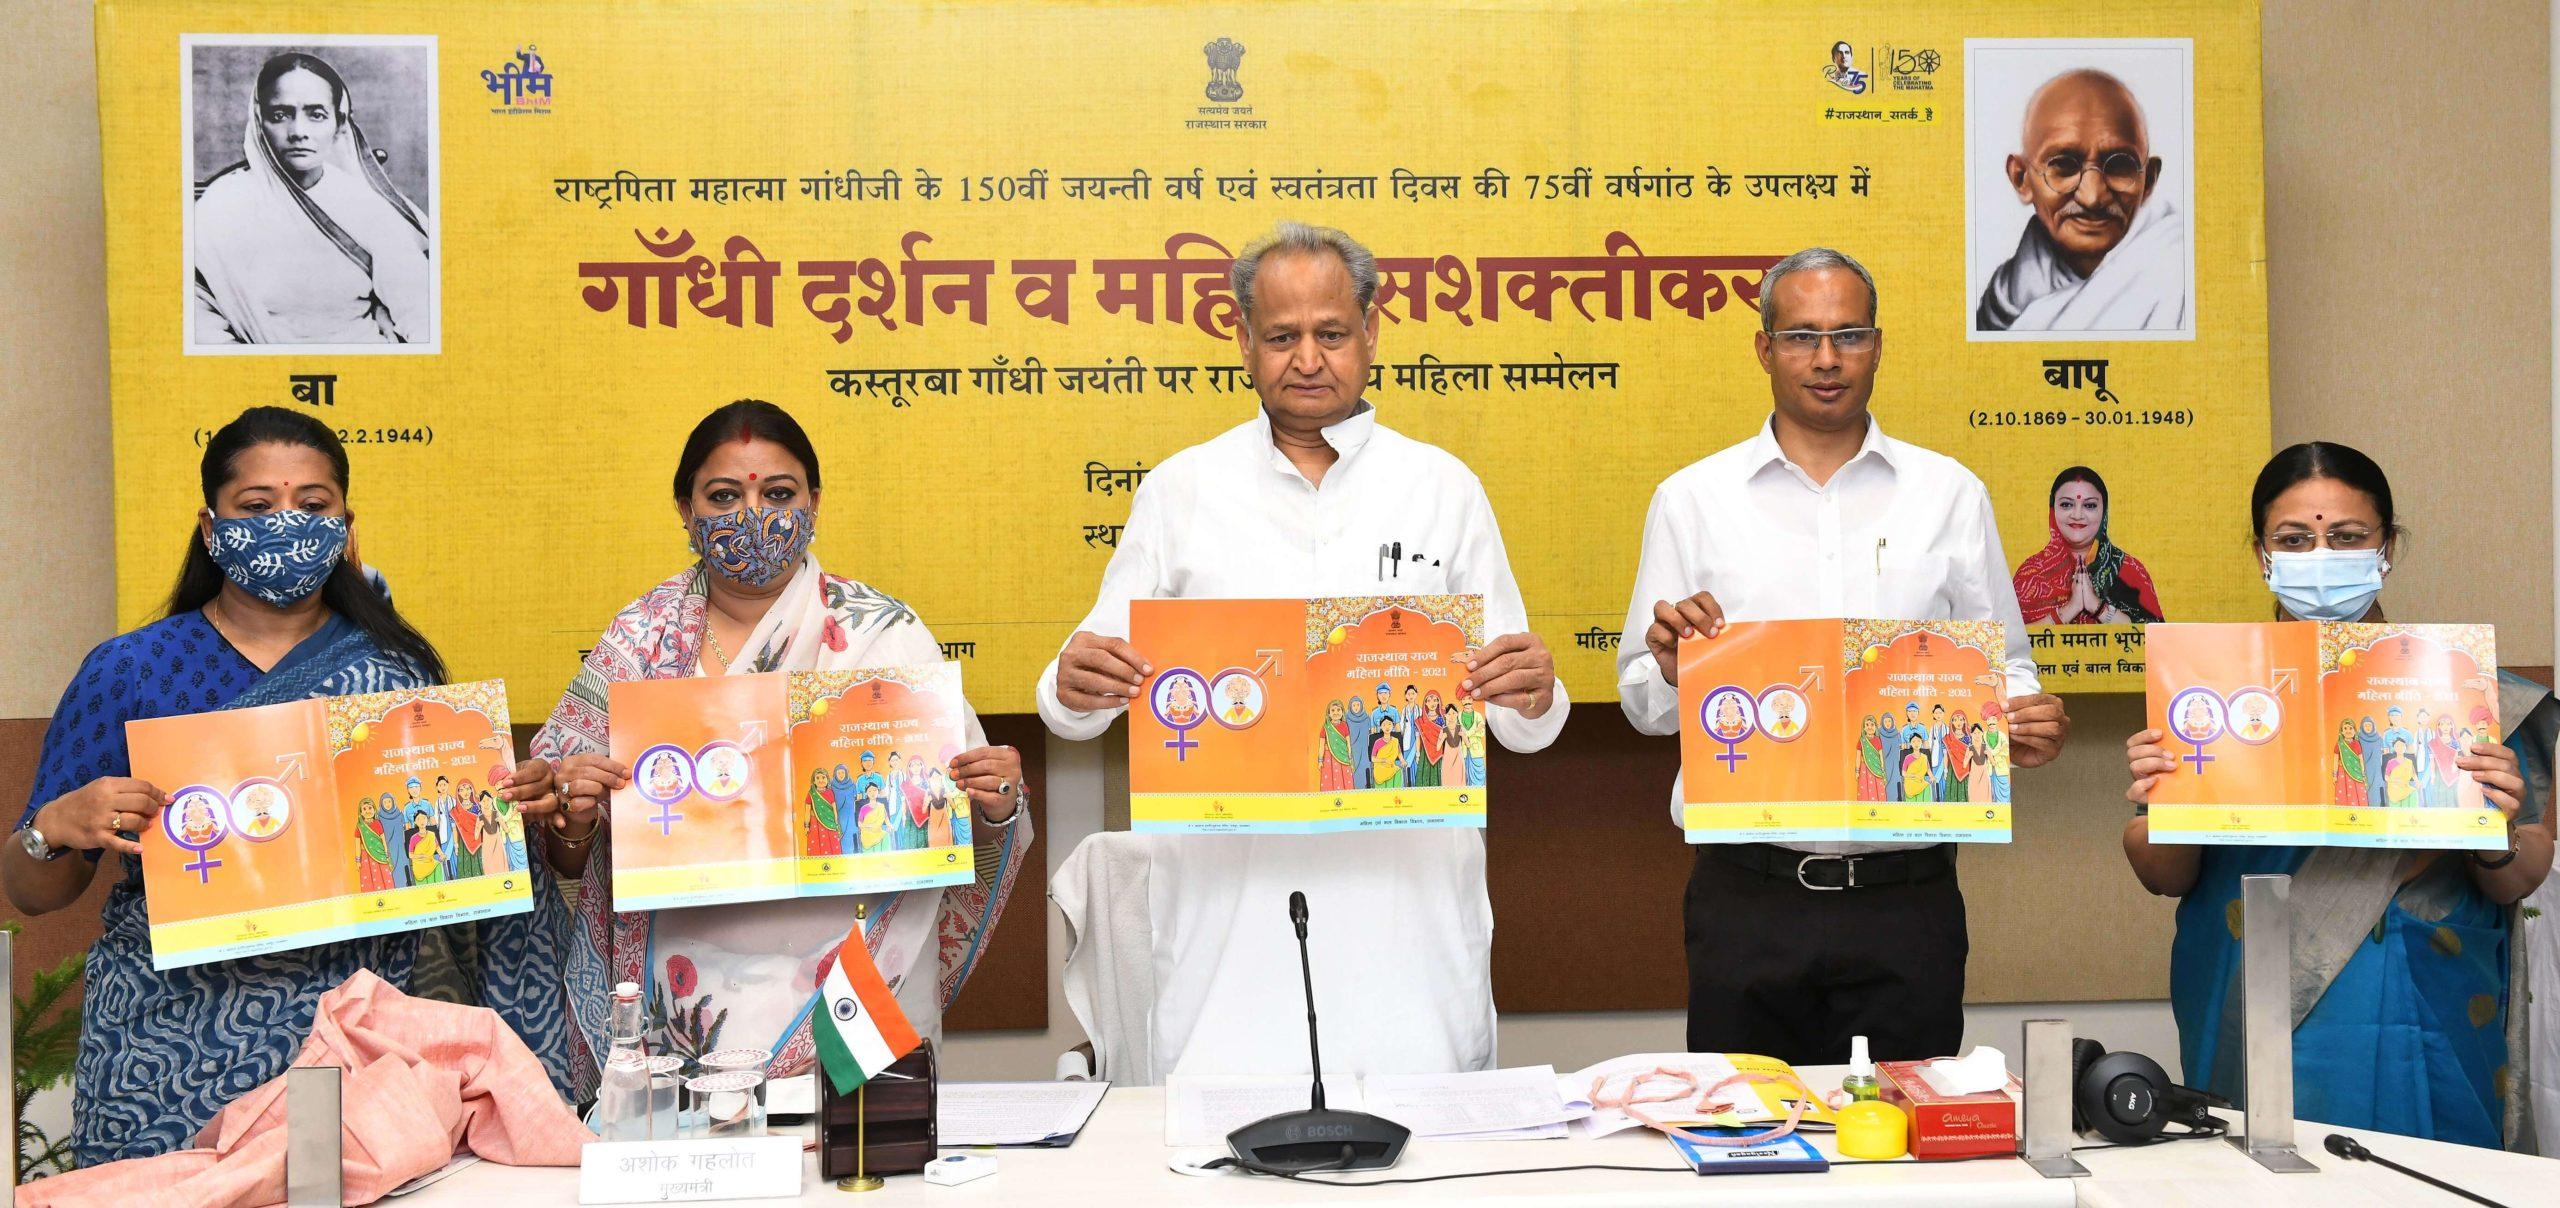 राजस्थान राज्य महिला नीति – 2021